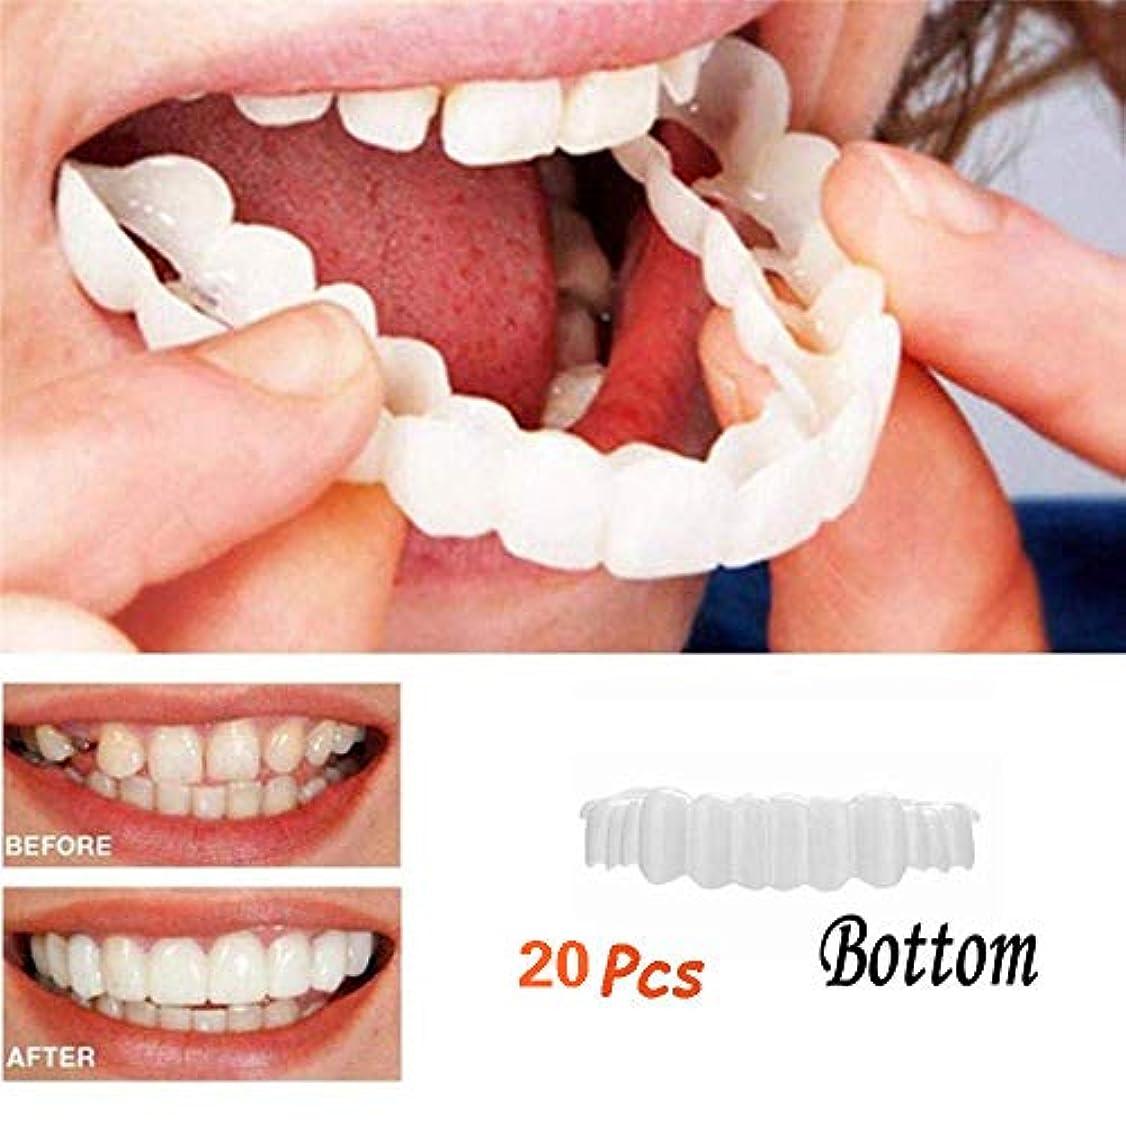 任命する憂鬱なに20ピースボトム化粧品歯コンフォートフィットフレックス化粧品歯コーブ義歯歯のホワイトニングスナップオンインスタント笑顔サイズフィット